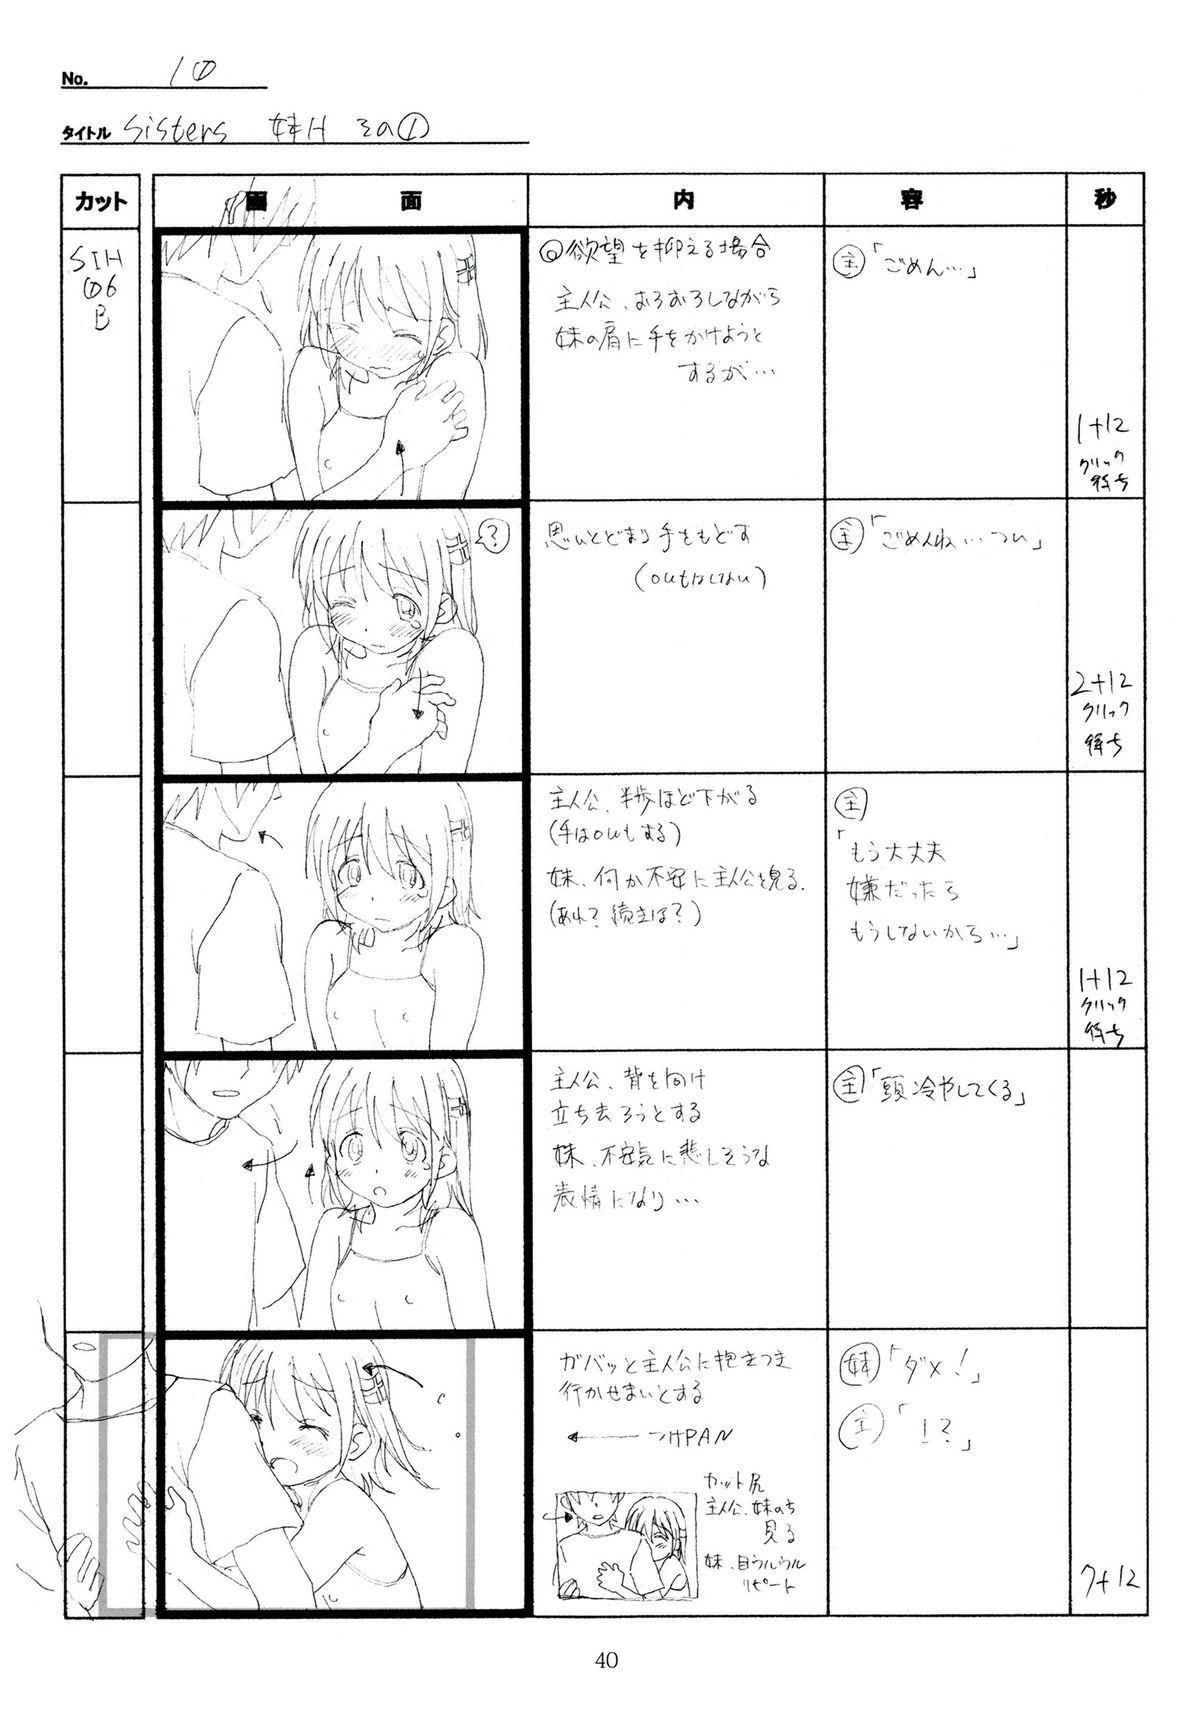 (C89) [Makino Jimusho (Taki Minashika)] SISTERS -Natsu no Saigo no Hi- H Scene All Part Storyboard (SISTERS -Natsu no Saigo no Hi-) 39